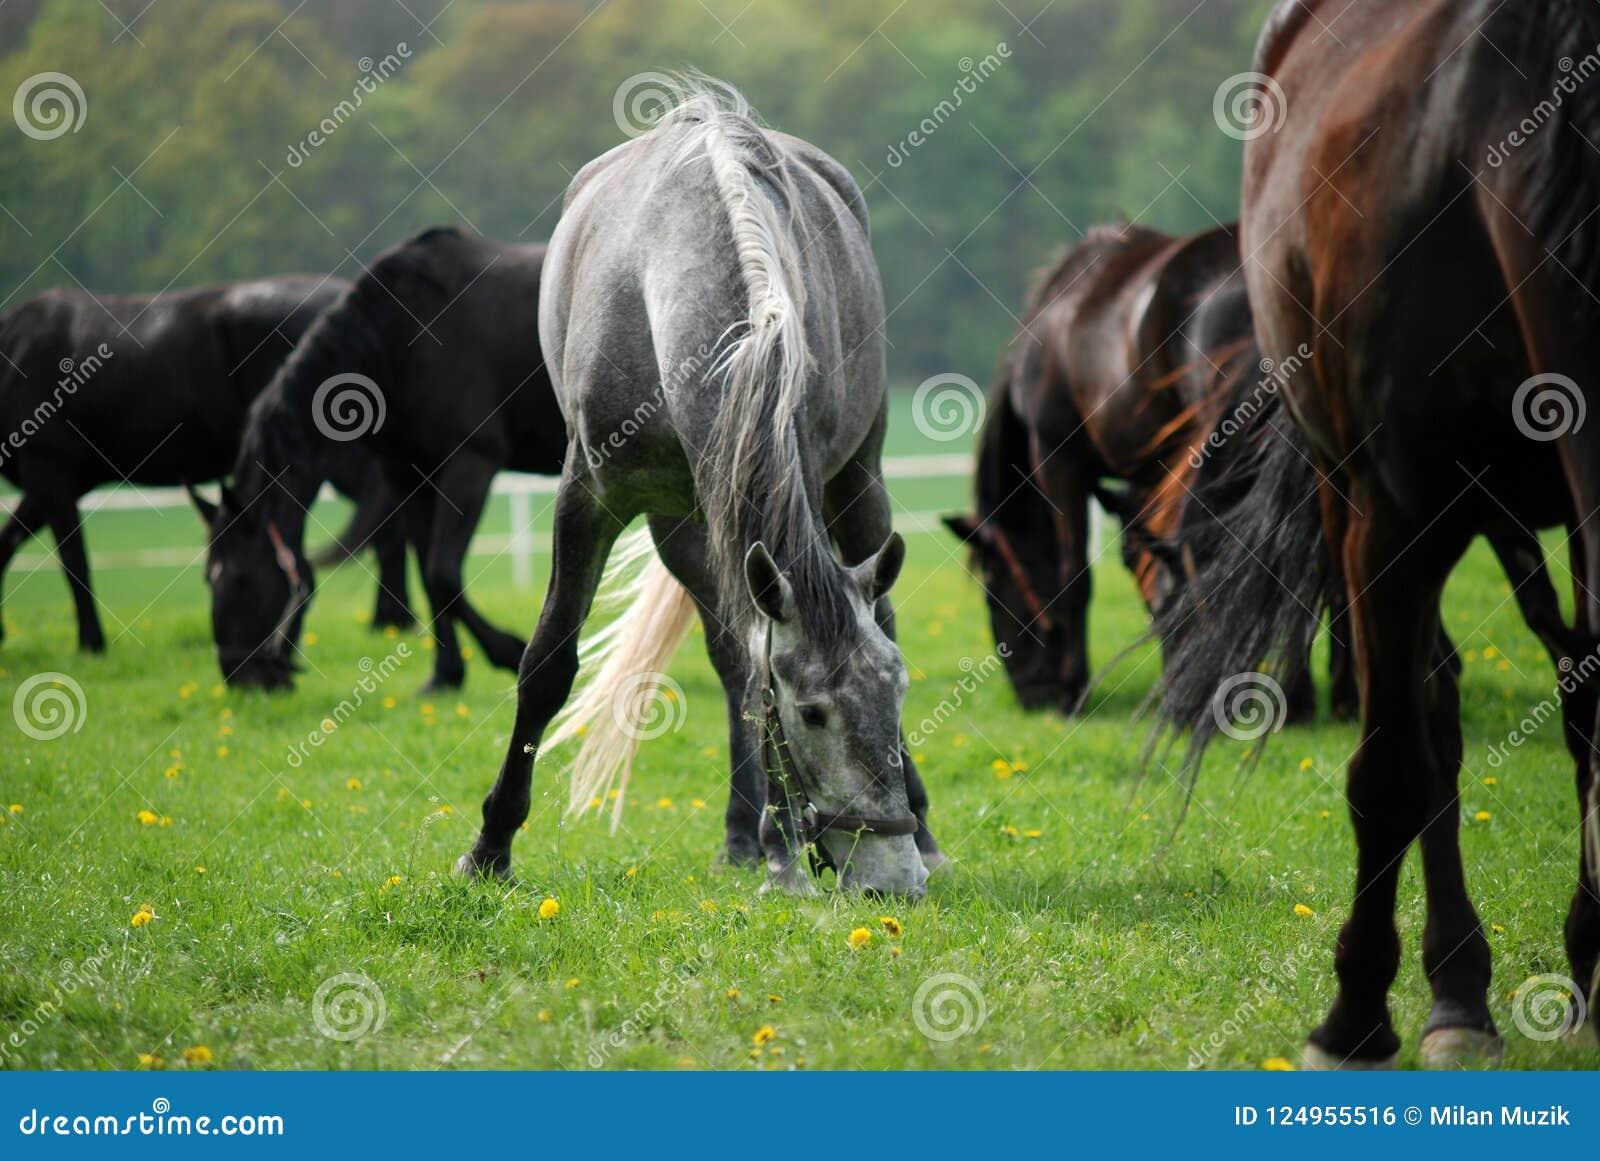 Pferdeweide im Frühjahr weiden lassen